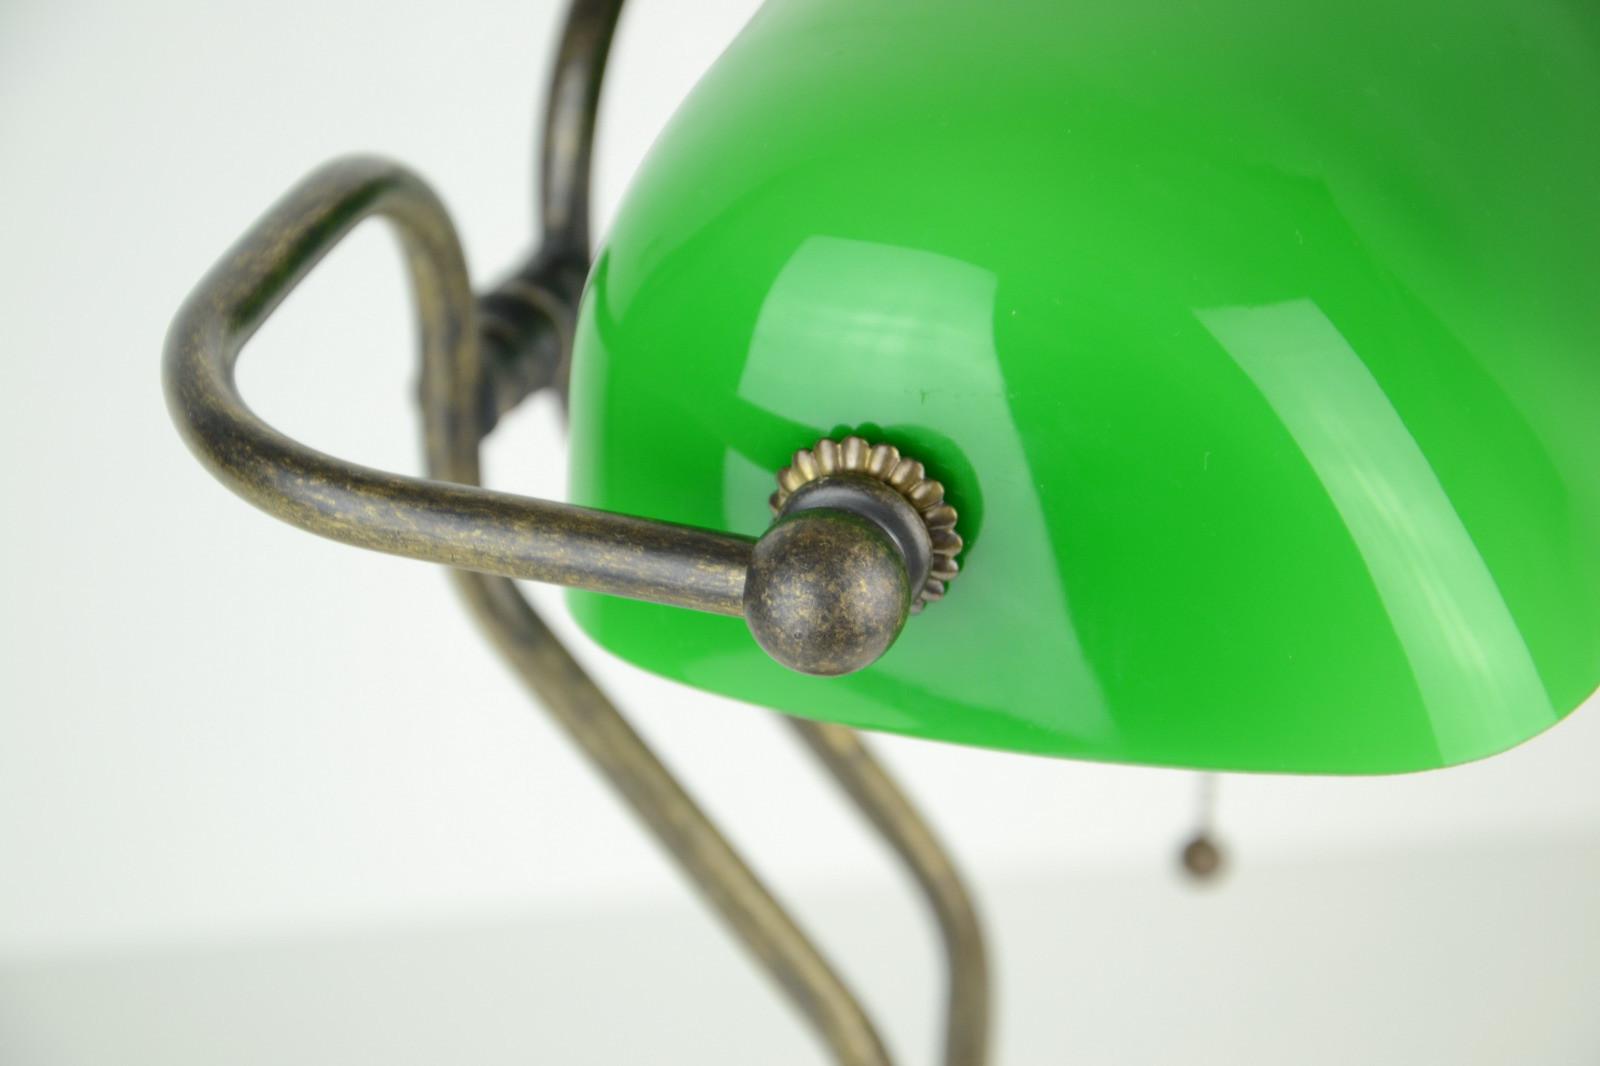 lampada-ministeriale-ottone-anticato-accensione-catenella-4,1026.jpg?WebbinsCacheCounter=1